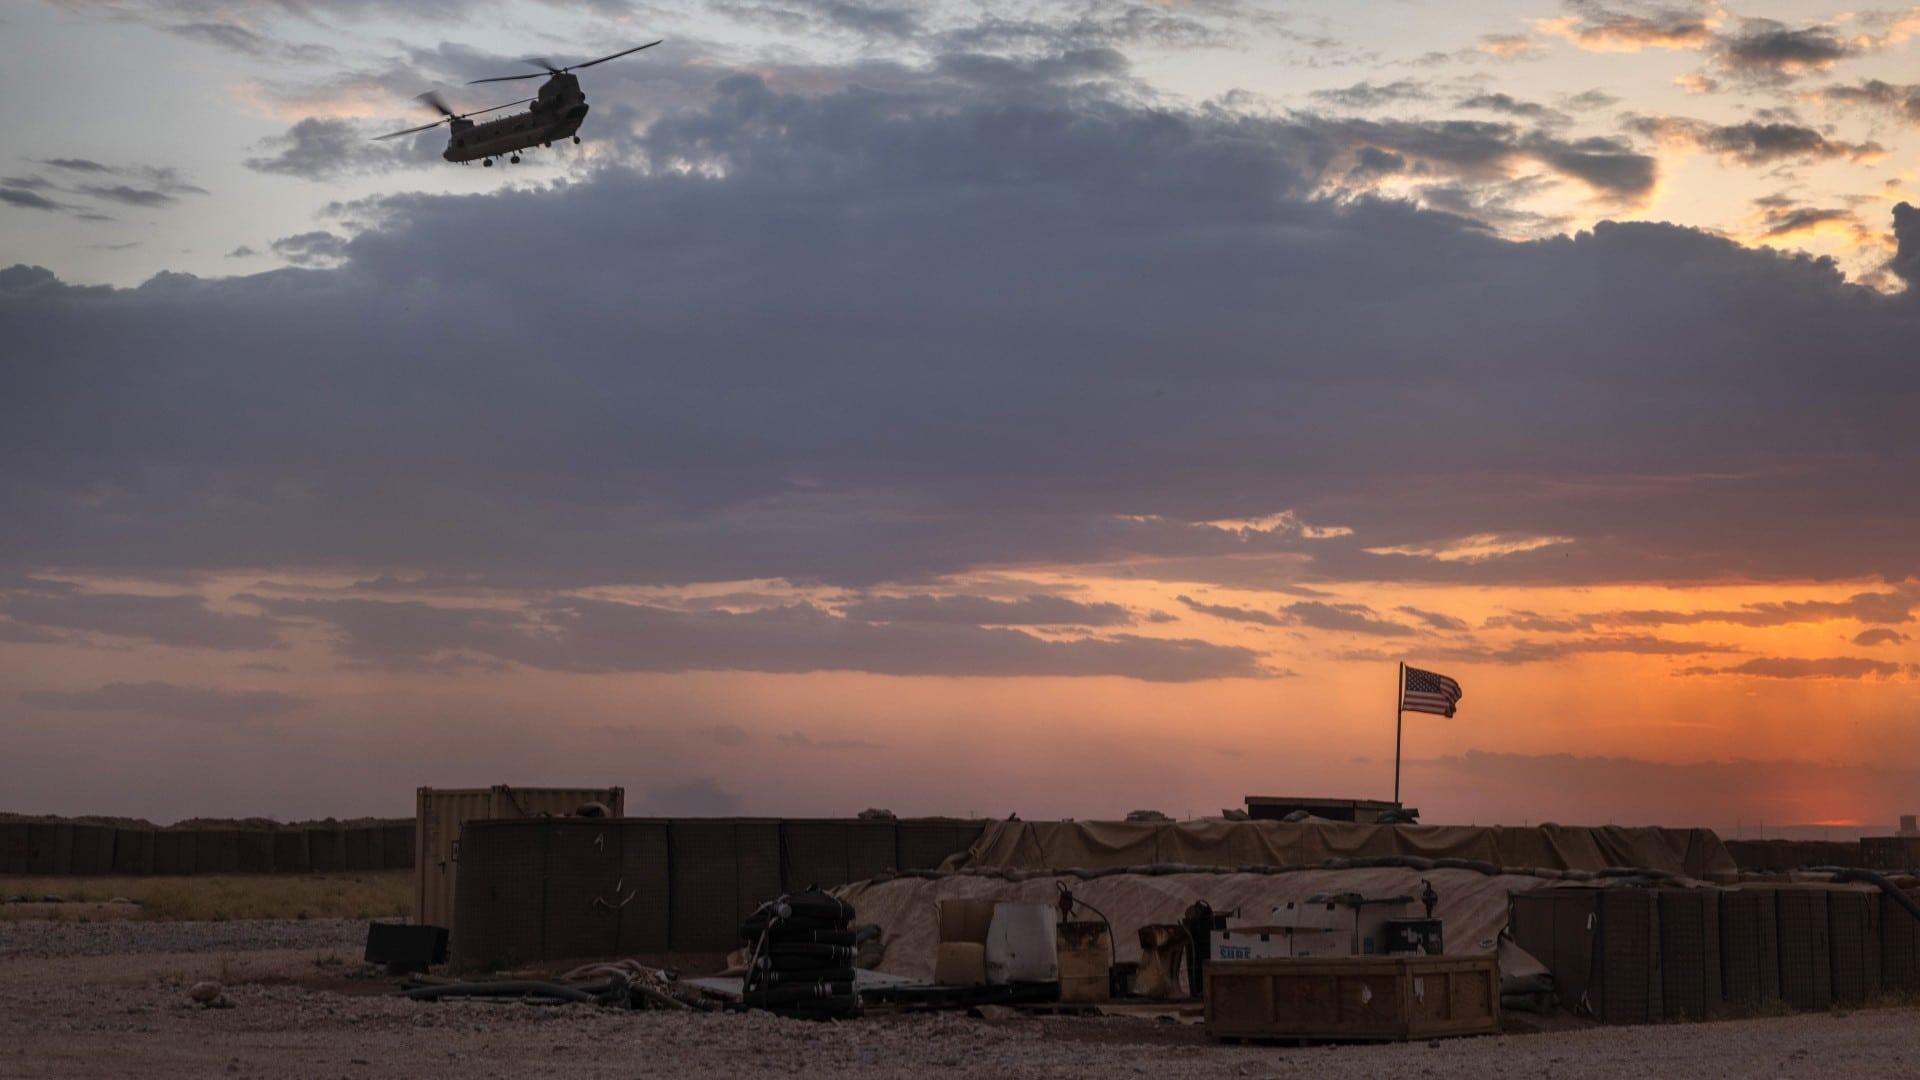 Proyectiles impactan base militar de EEUU en Siria